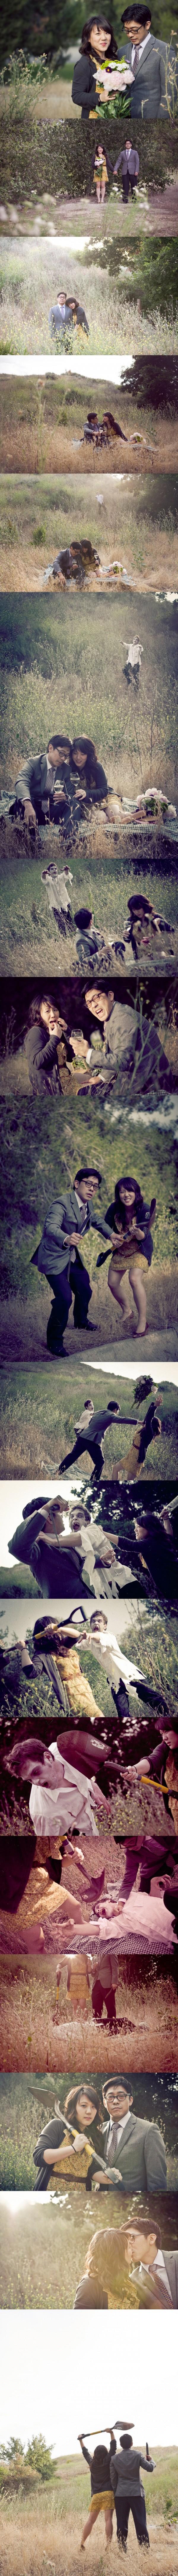 mariage zombies geek